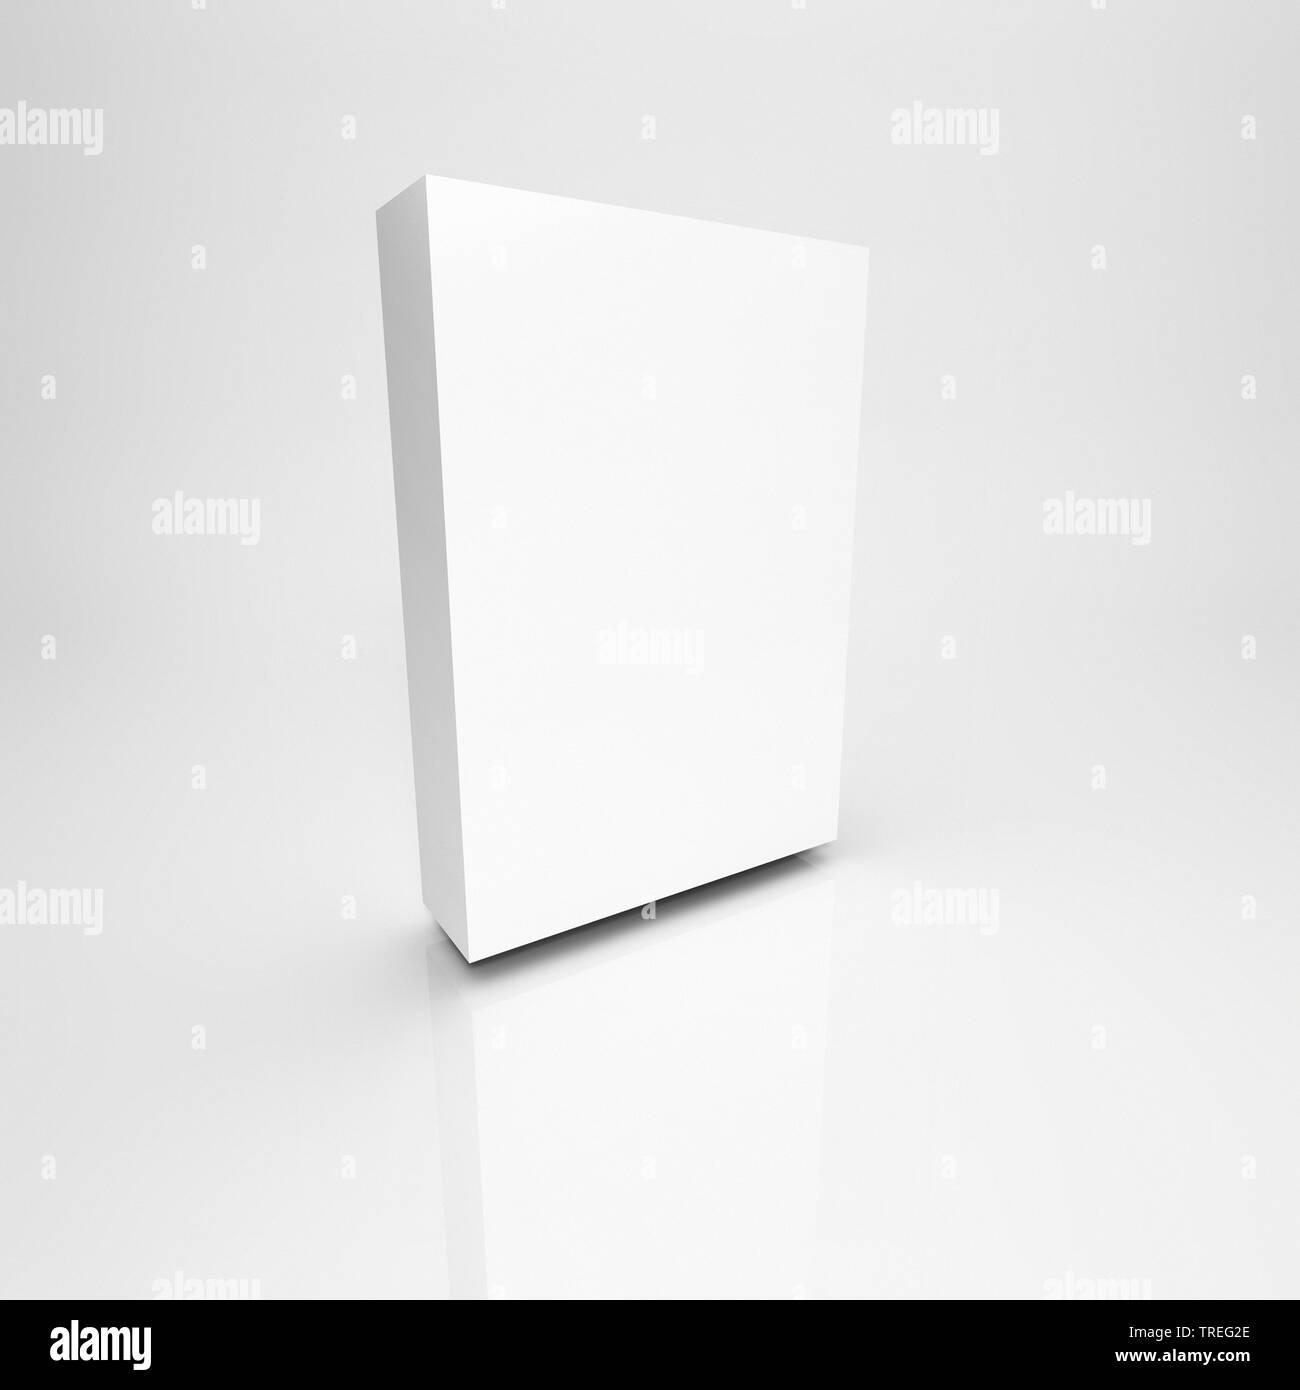 3D-Computergrafik, weisse, quadratische Verpackung ohne Aufdruck vor weissem Hintergrund | 3D computer graphic, white quadratic packing without letter - Stock Image